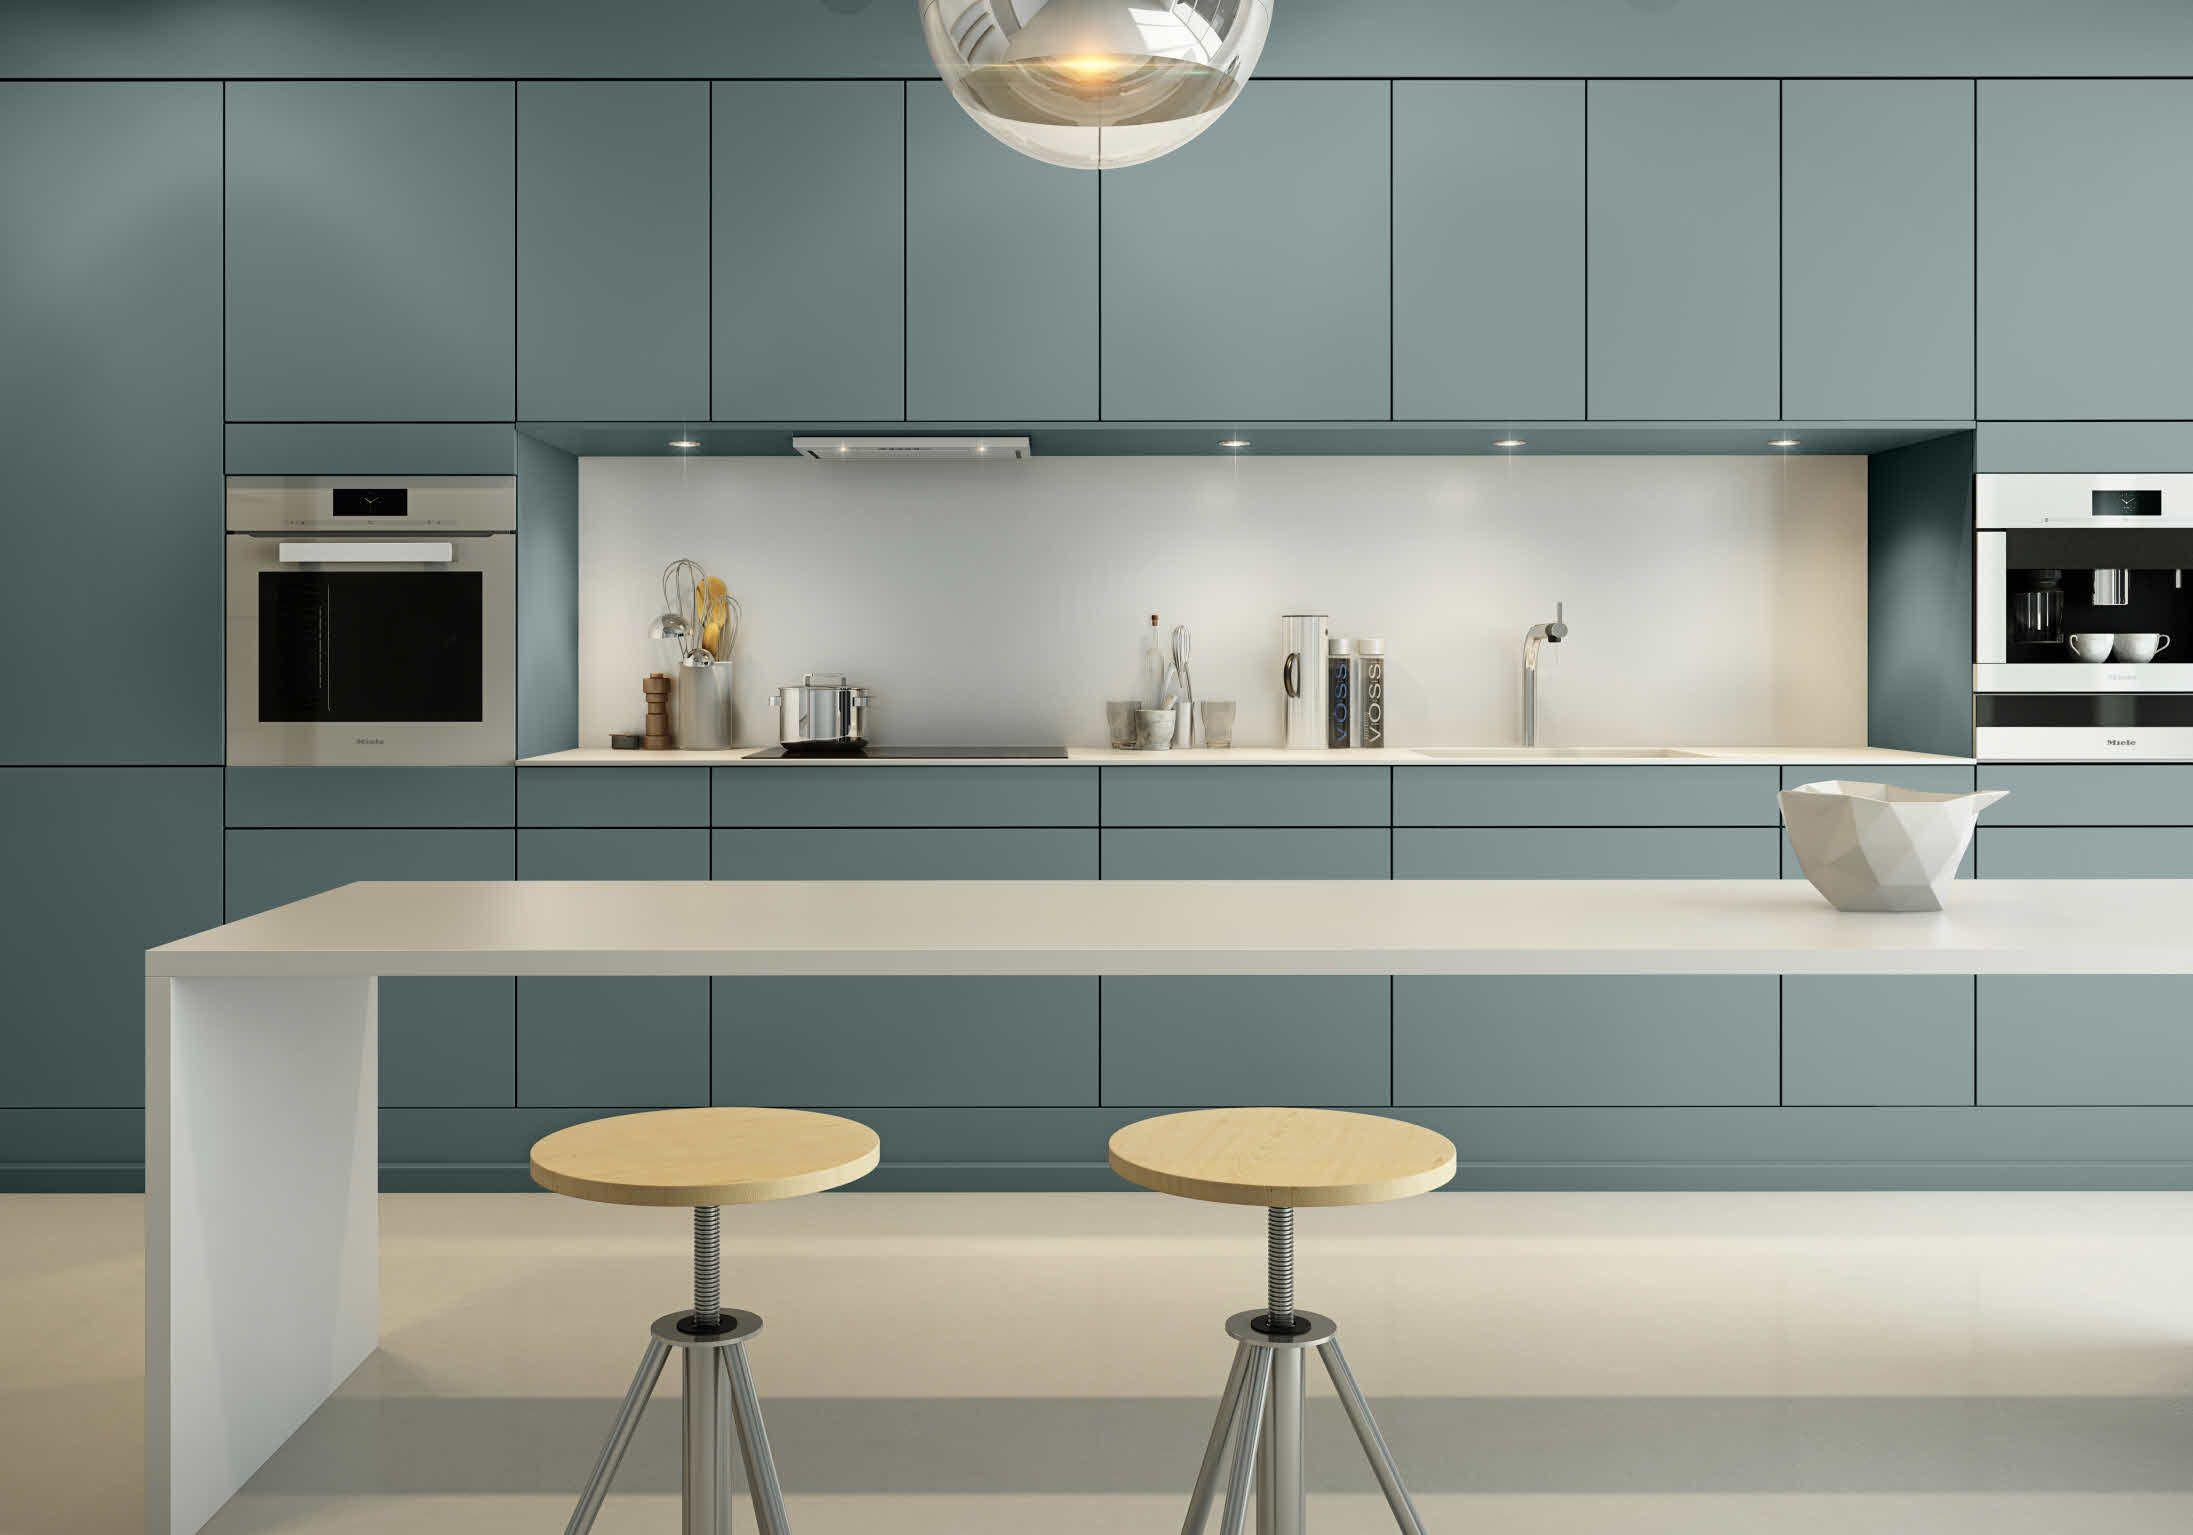 sigdal kj kken amfi eik ncs s 3010 b10g himmel og hav kitchen modern